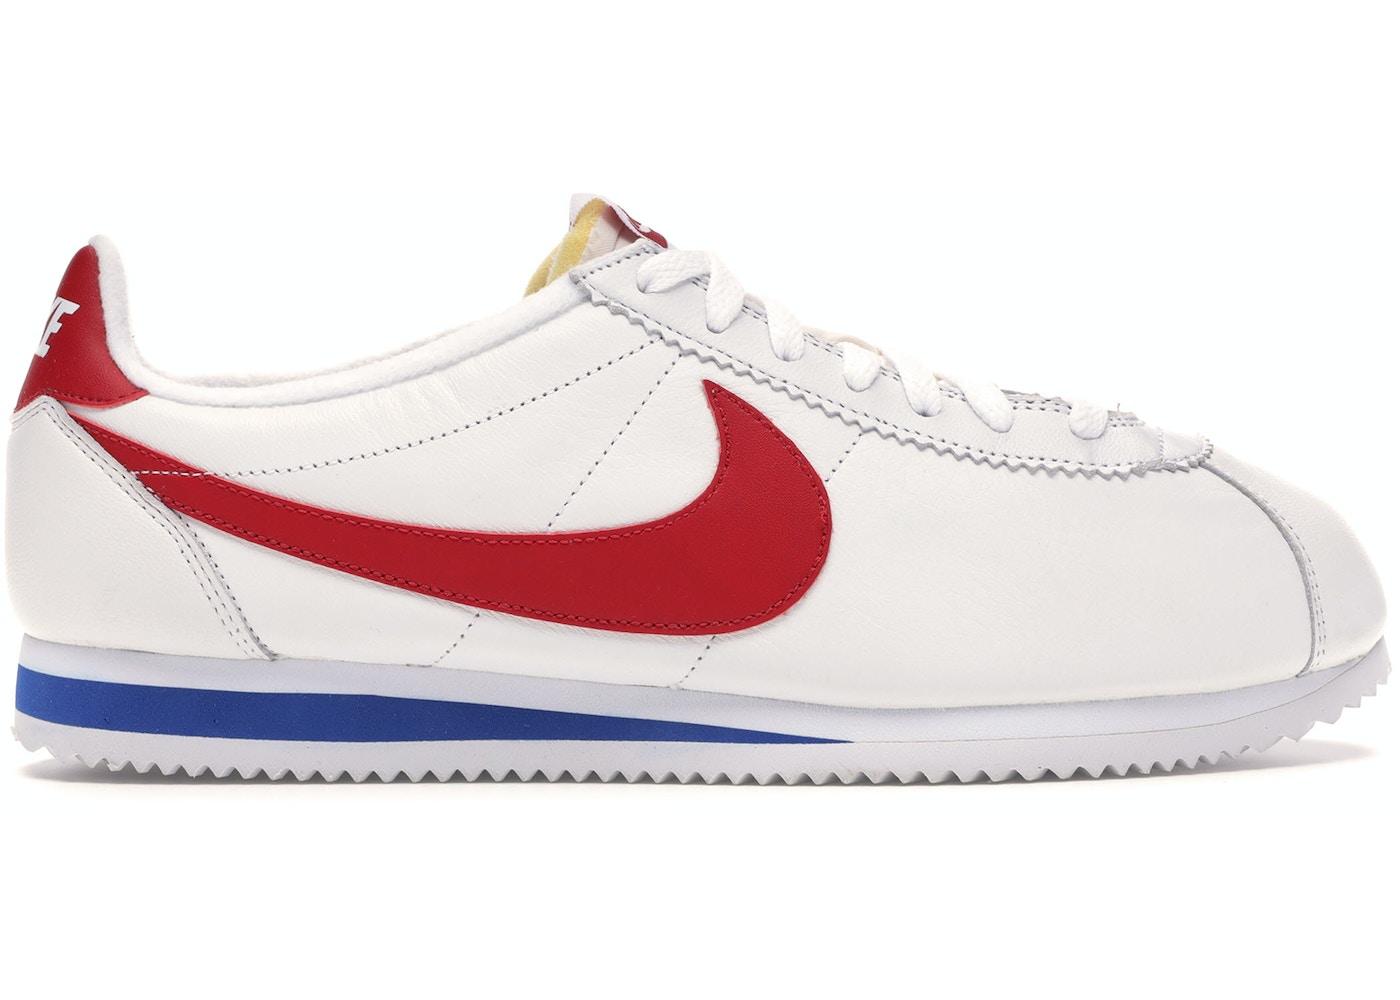 Seguro Positivo Comerciante  Nike Classic Cortez Forest Gump - 724262-184